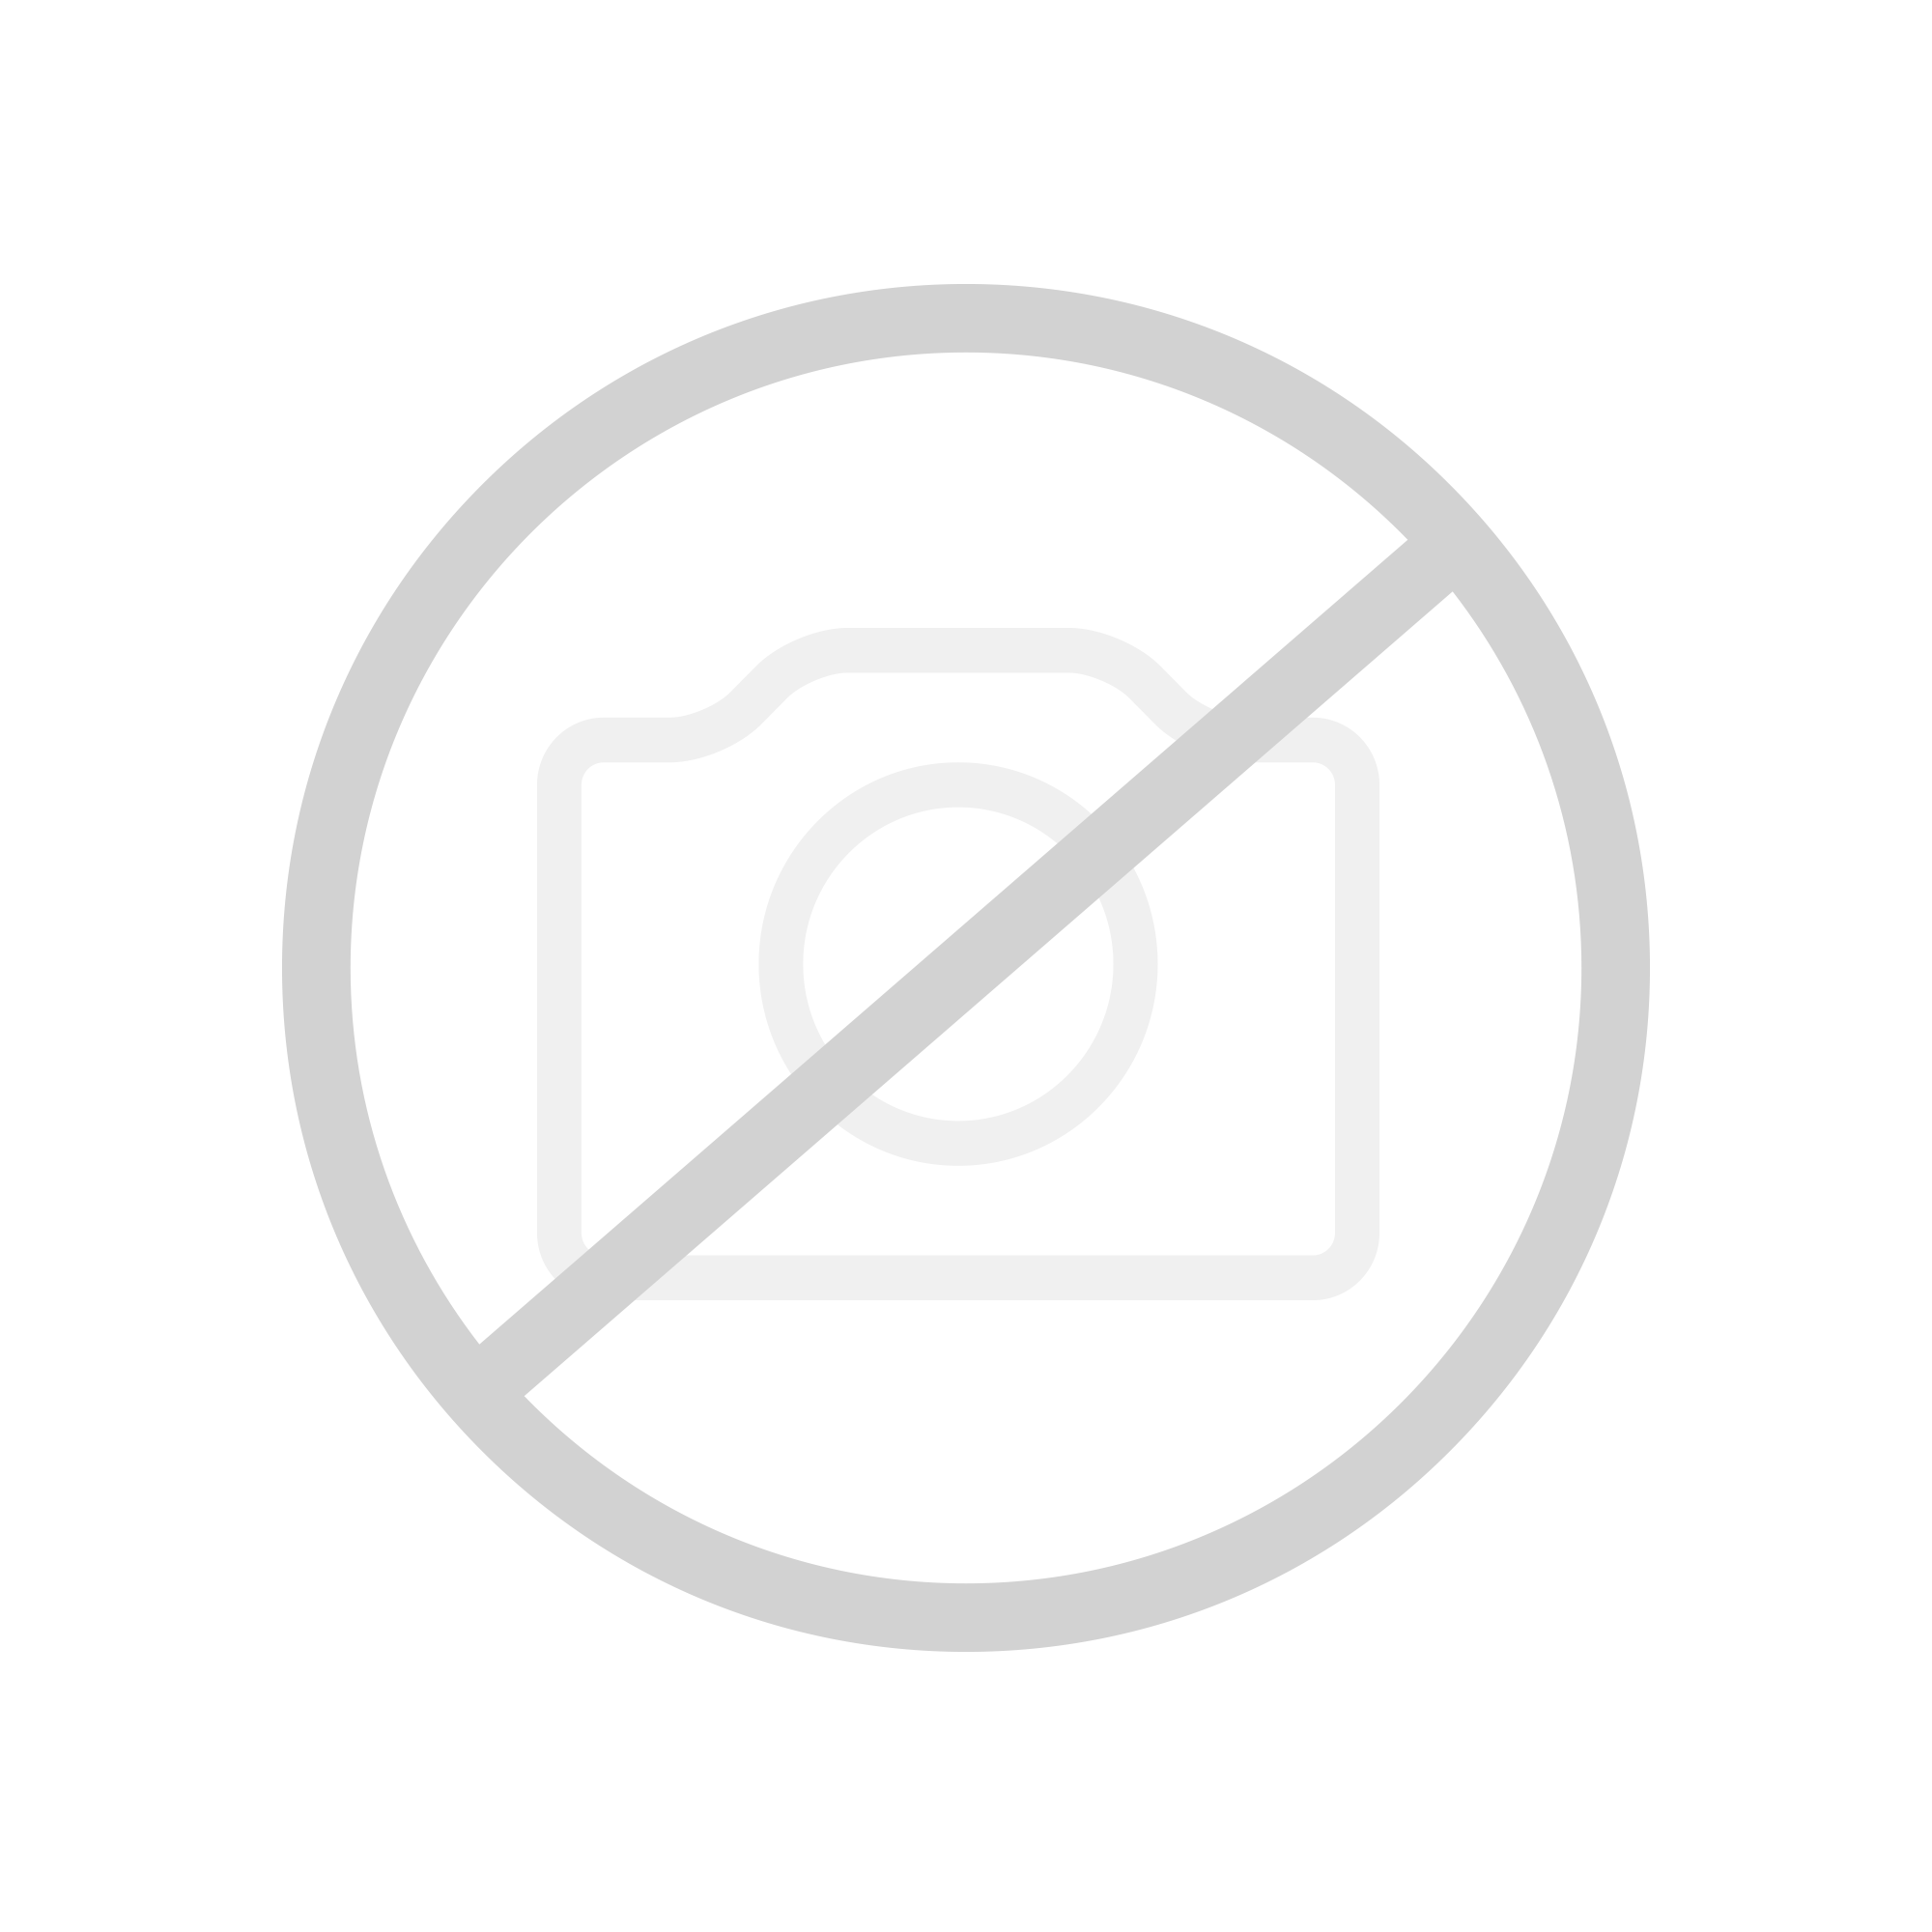 Geberit AquaClean 8000plus Dusch-WC Komplettanlage, AP, wandhängend L: 73 B: 42 cm weiß